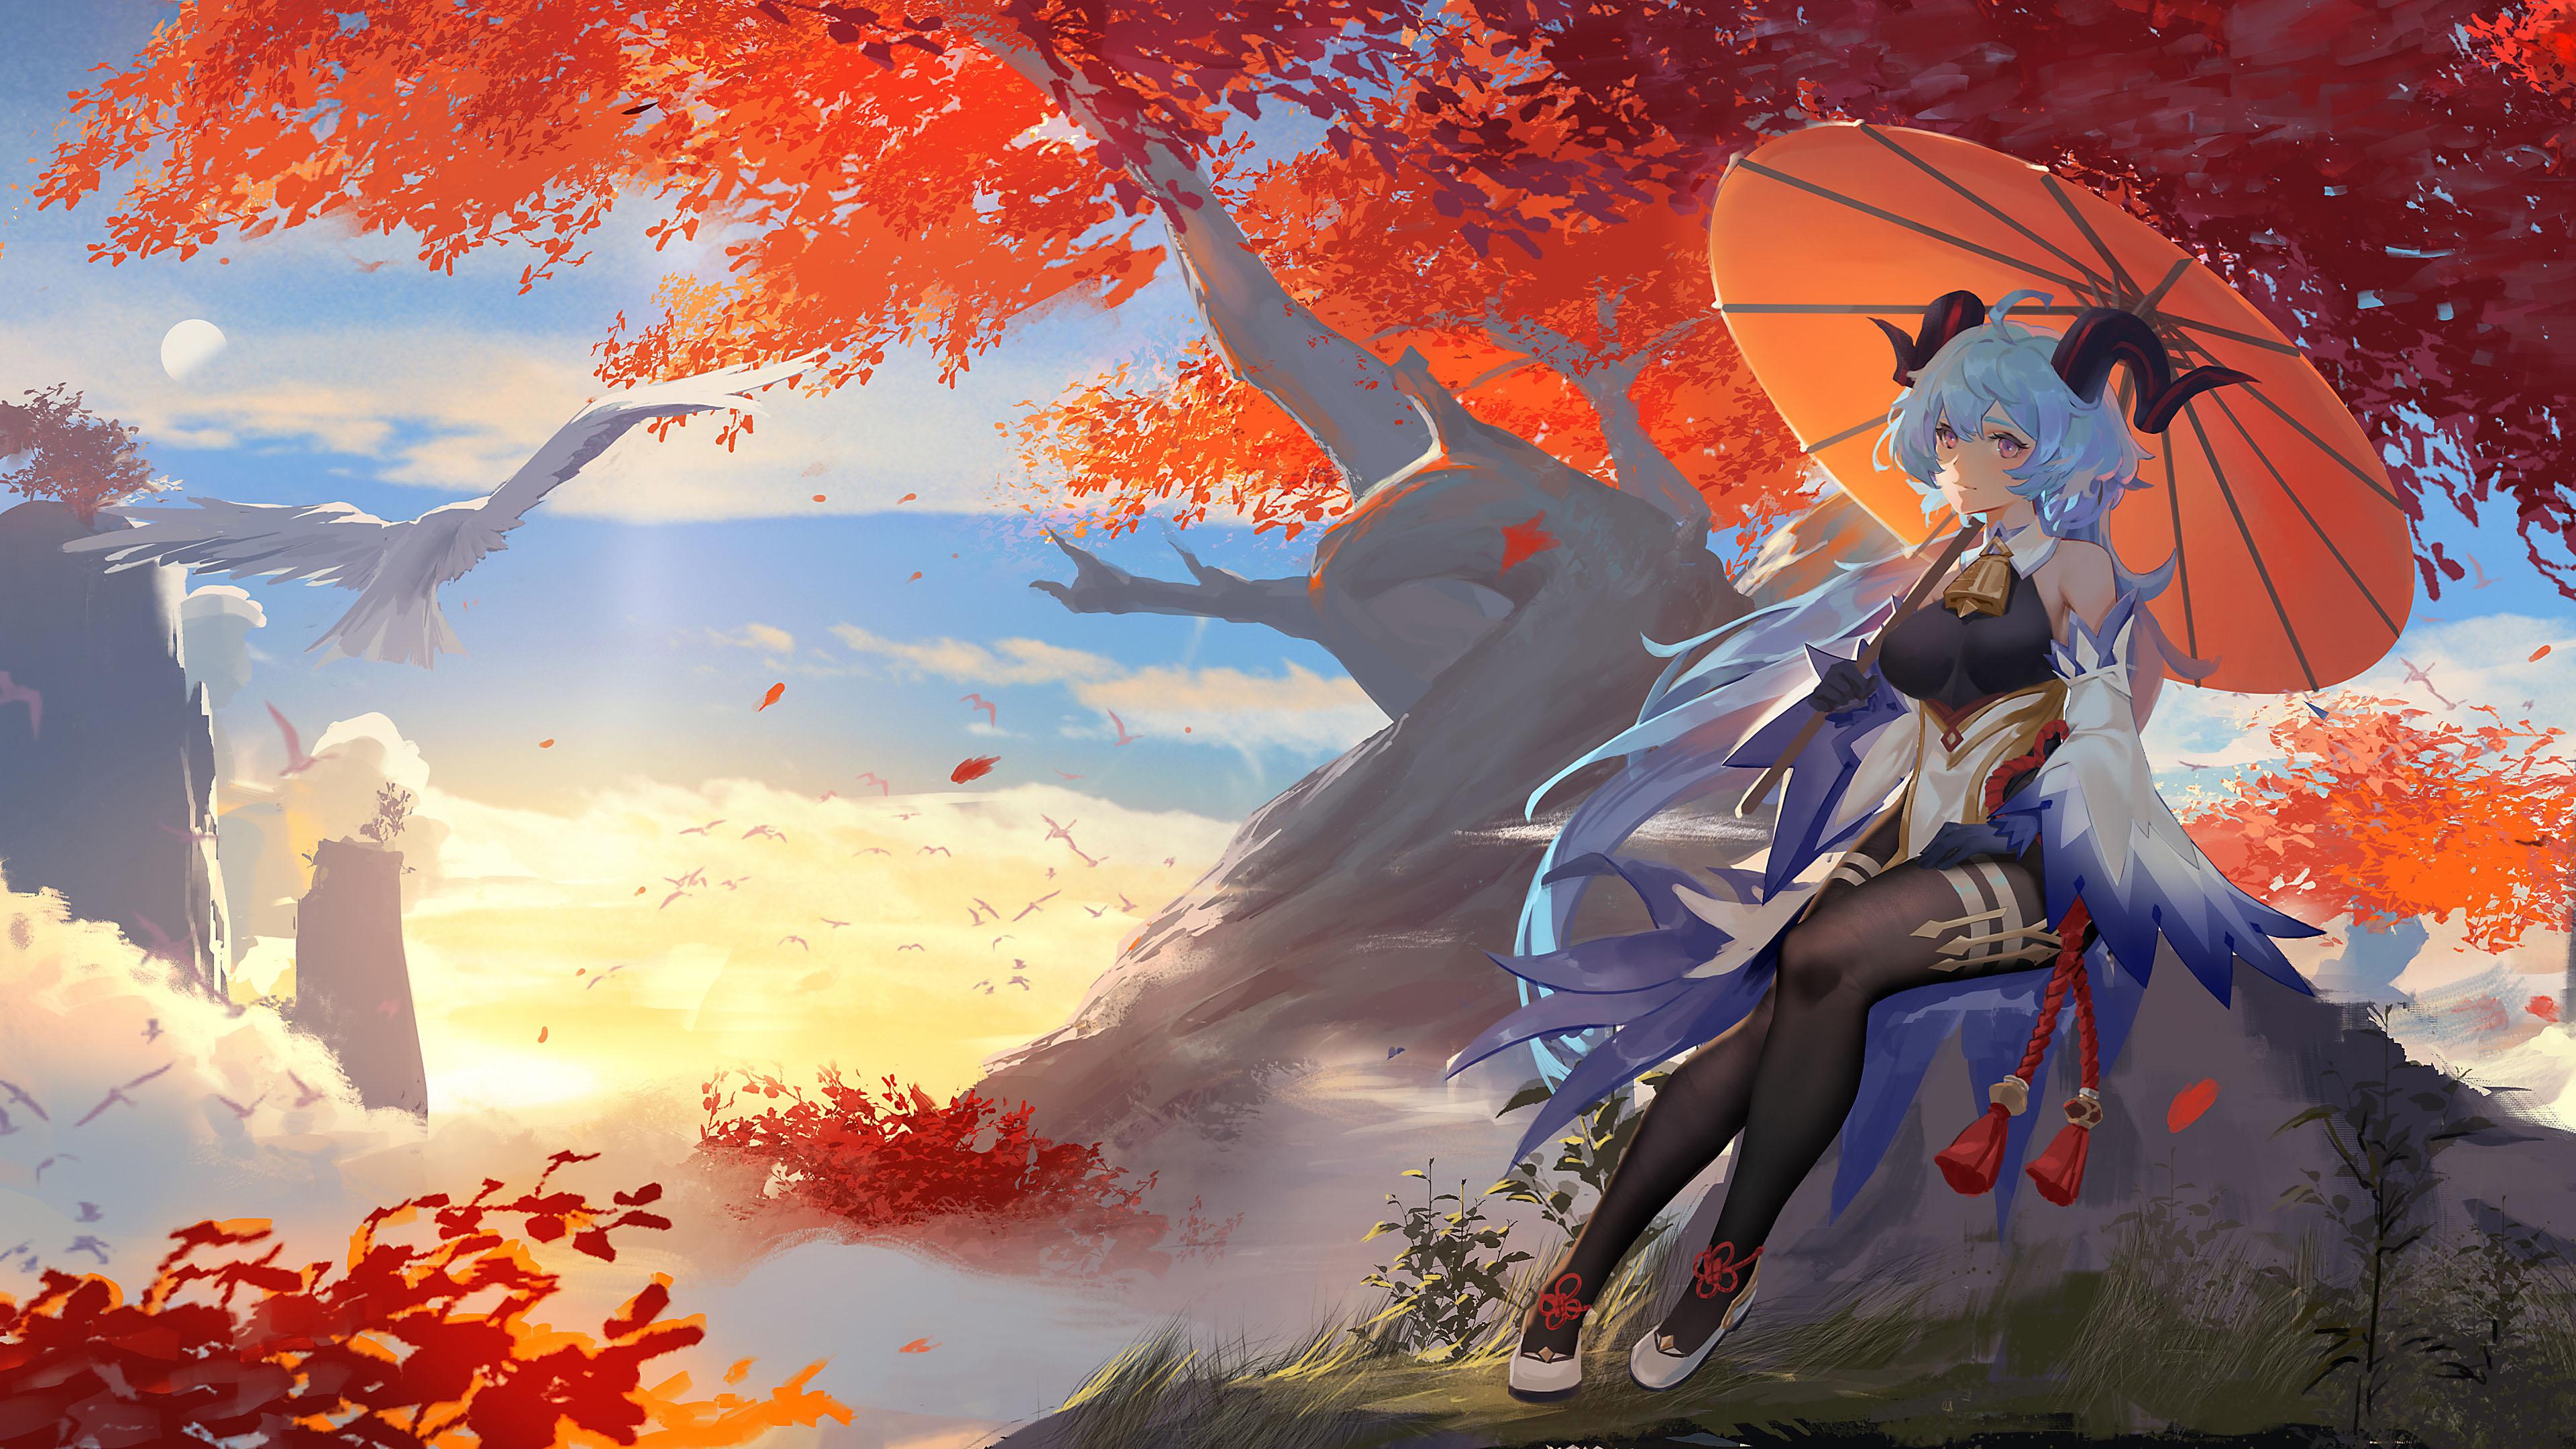 游戏壁纸,手游世界,云顶,山羊,原神,甘雨